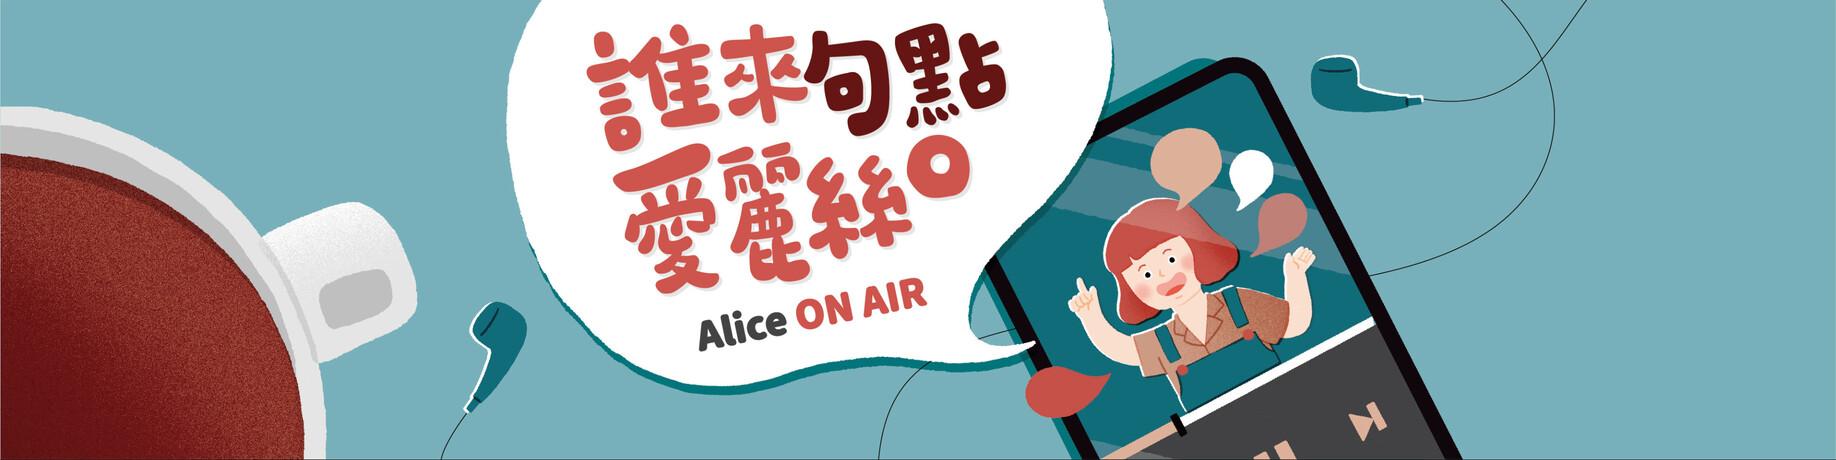 誰來句點愛麗絲|靠說話贏得好感的街頭智慧